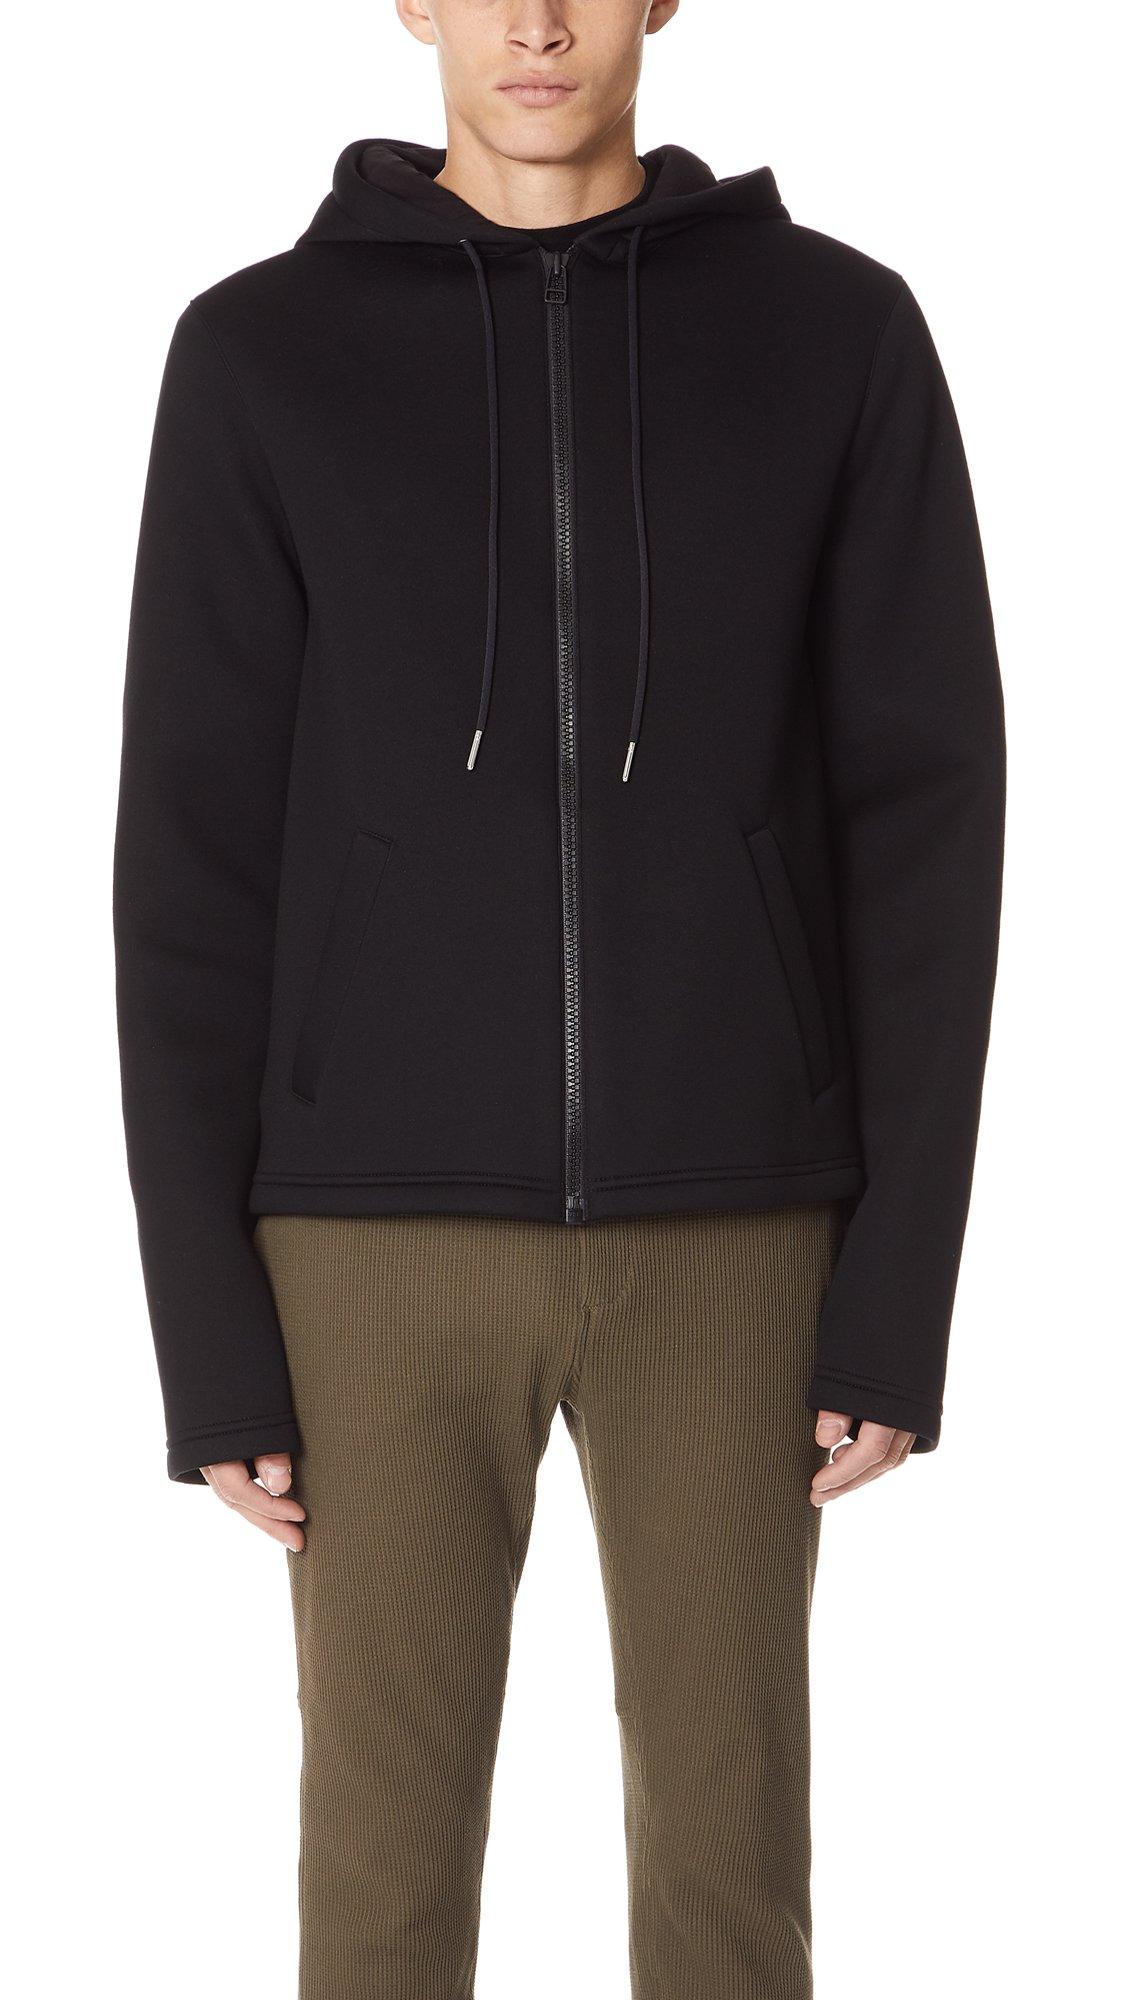 Helmut Lang Men's Zip Hoodie, Black, Large